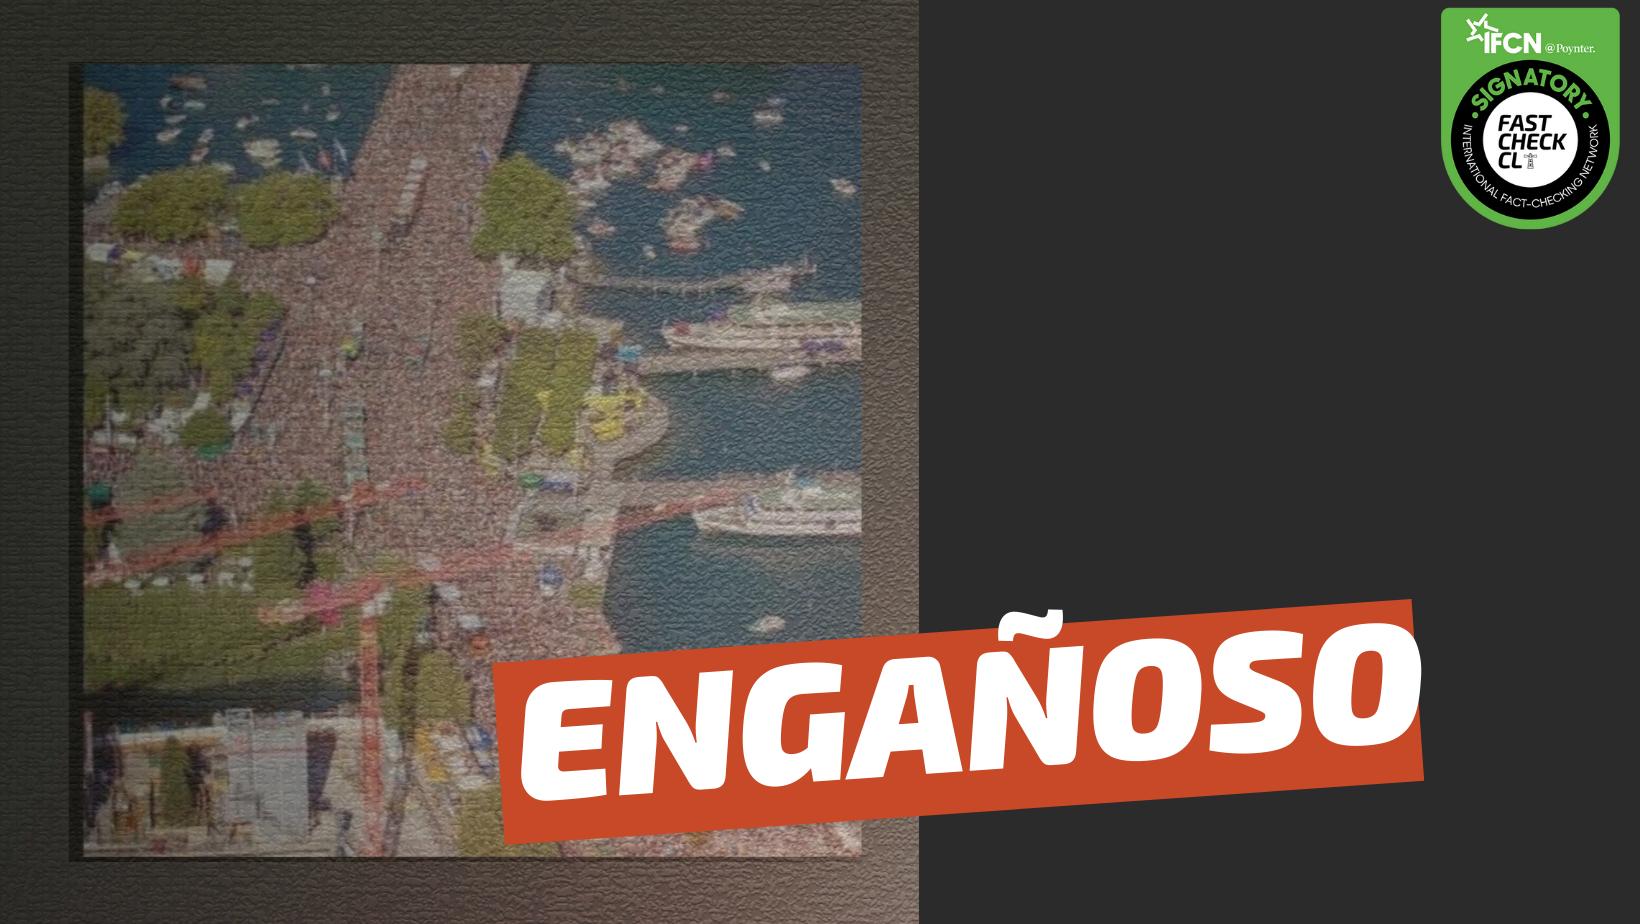 """Read more about the article (Imagen) """"Manifestación contra el green pass el 1 de octubre en Trieste, Italia"""": #Engañoso"""